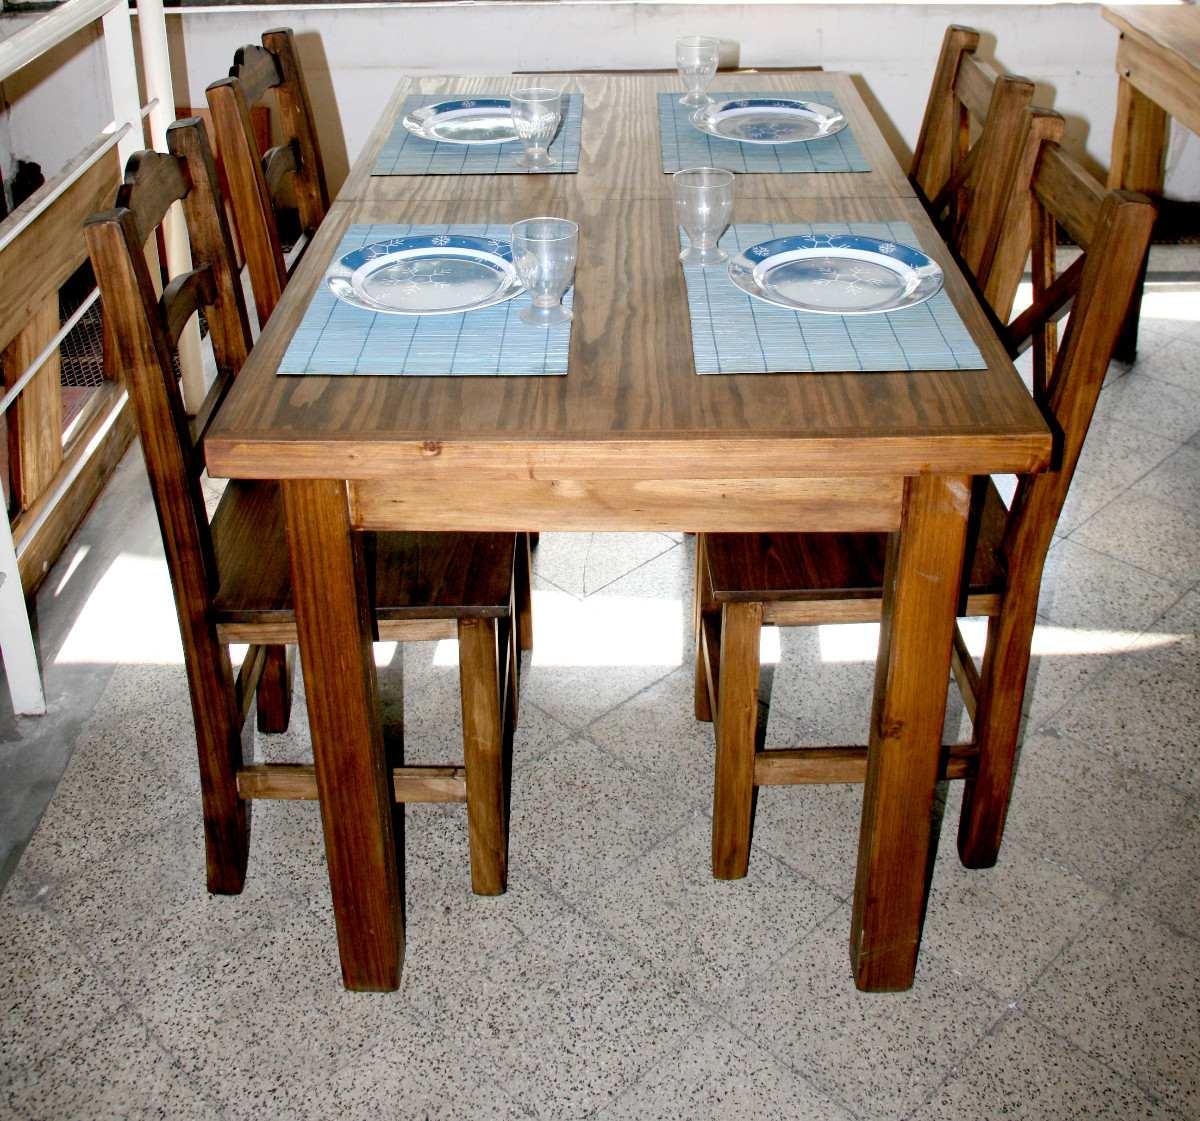 Ontradicciones de la mujer mesa y sillas rustica 12 personas - Mesa comedor rustica extensible ...